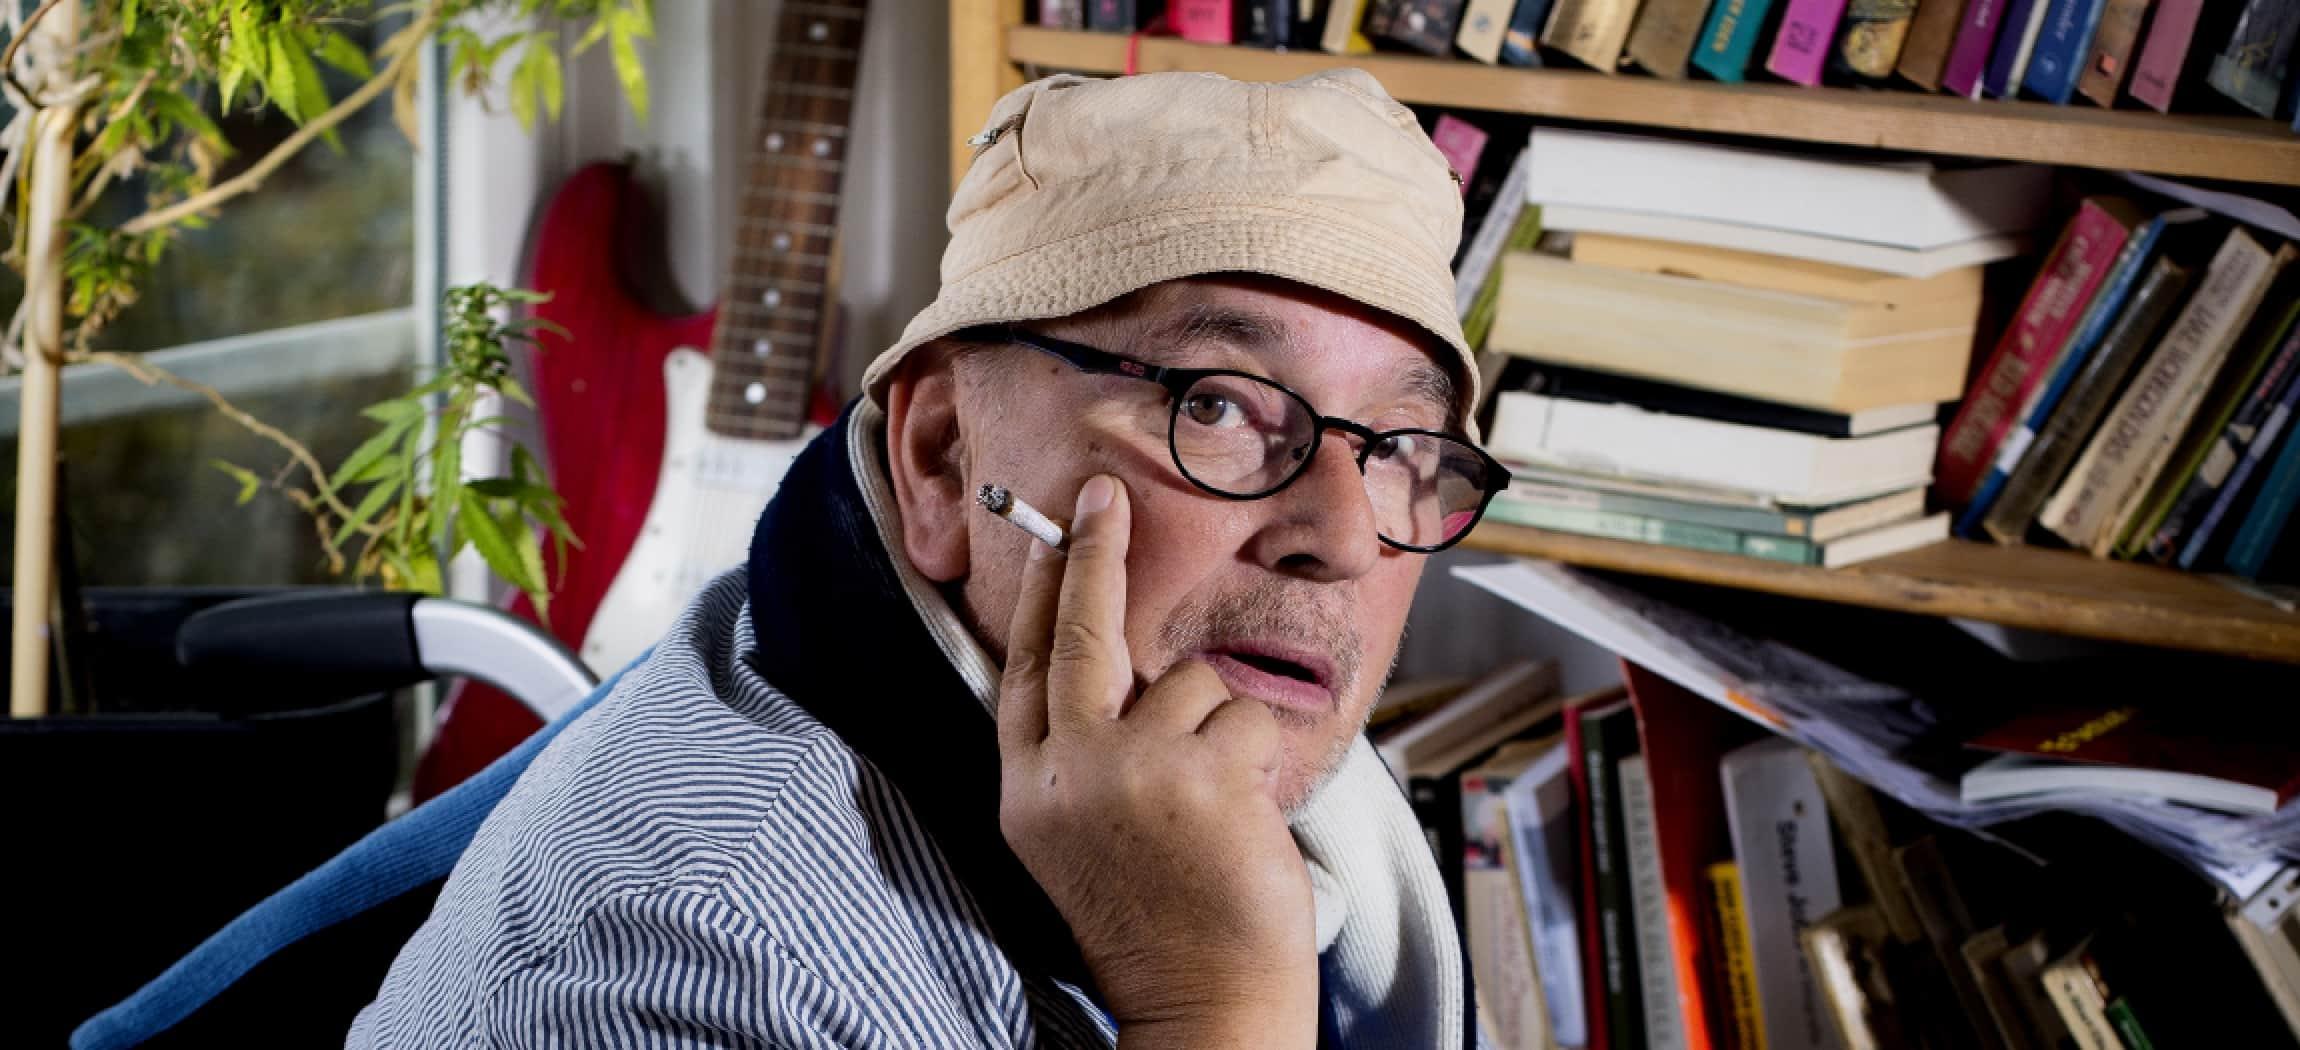 De heer Nieuwenhuis woont in zorgcentrum De Klinker - uit de serie Mensen van Amstelring